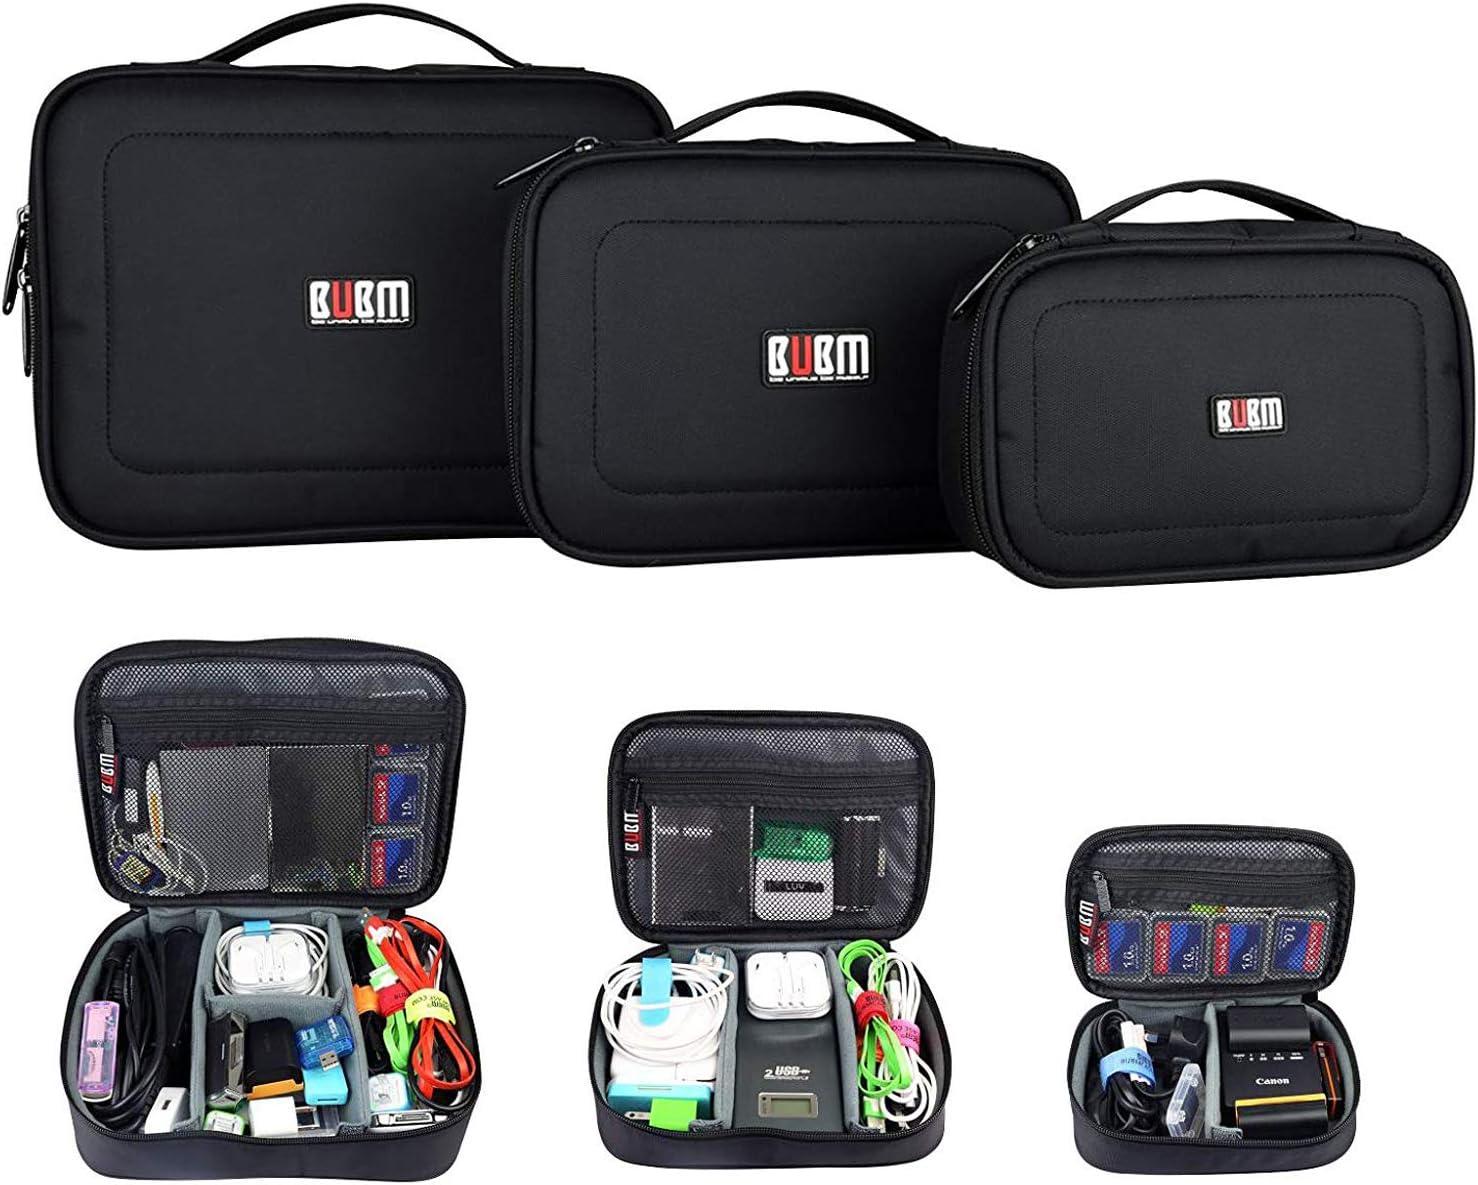 3 x BUBM ACCESORIOS PARA MÚLTIPLES FUNCIONES ALMACENAMIENTO CARRY BAG CASE Cable USB Tarjeta de memoria Cable de alimentación Almacenamiento de batería Bolsa de disco móvil Estuche